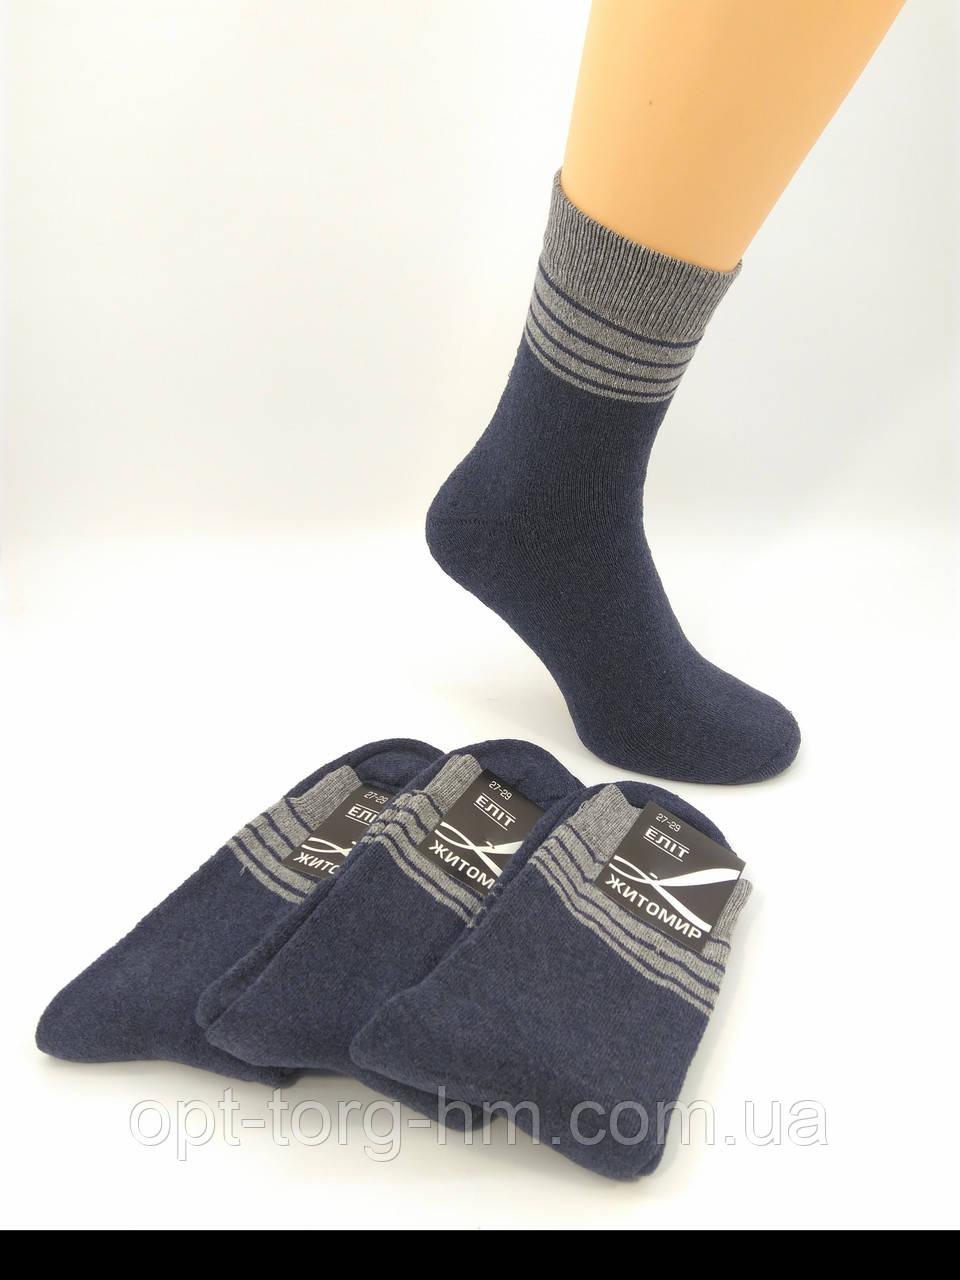 Махровые синие мужские носки 29-31 (43-45 ОБУВЬ)